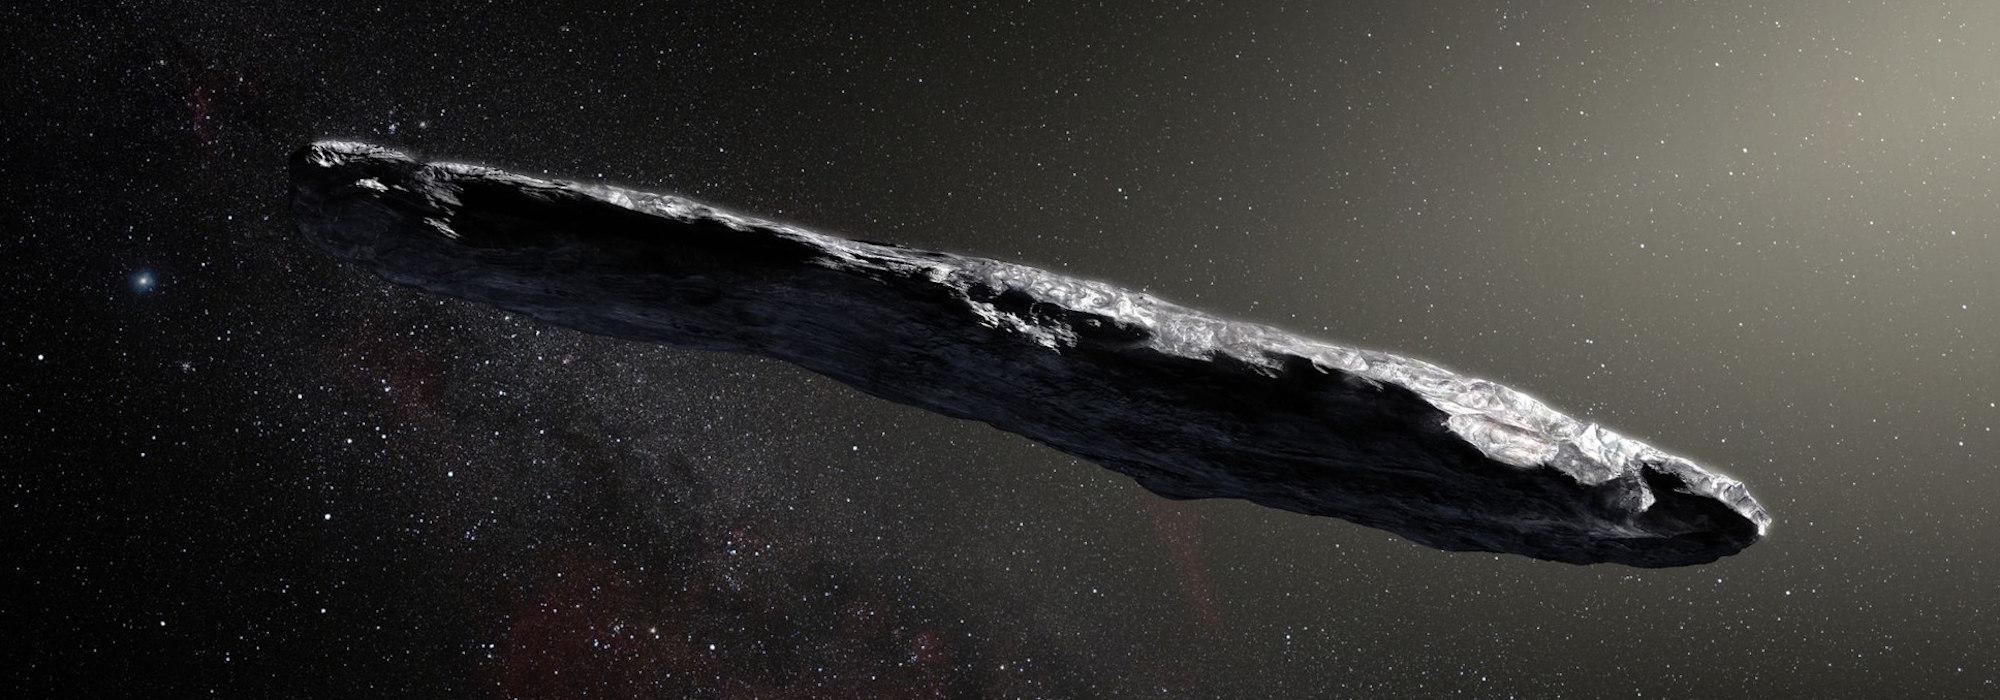 Oumuamua Dünya dışı yaşam kaynaklı mı?